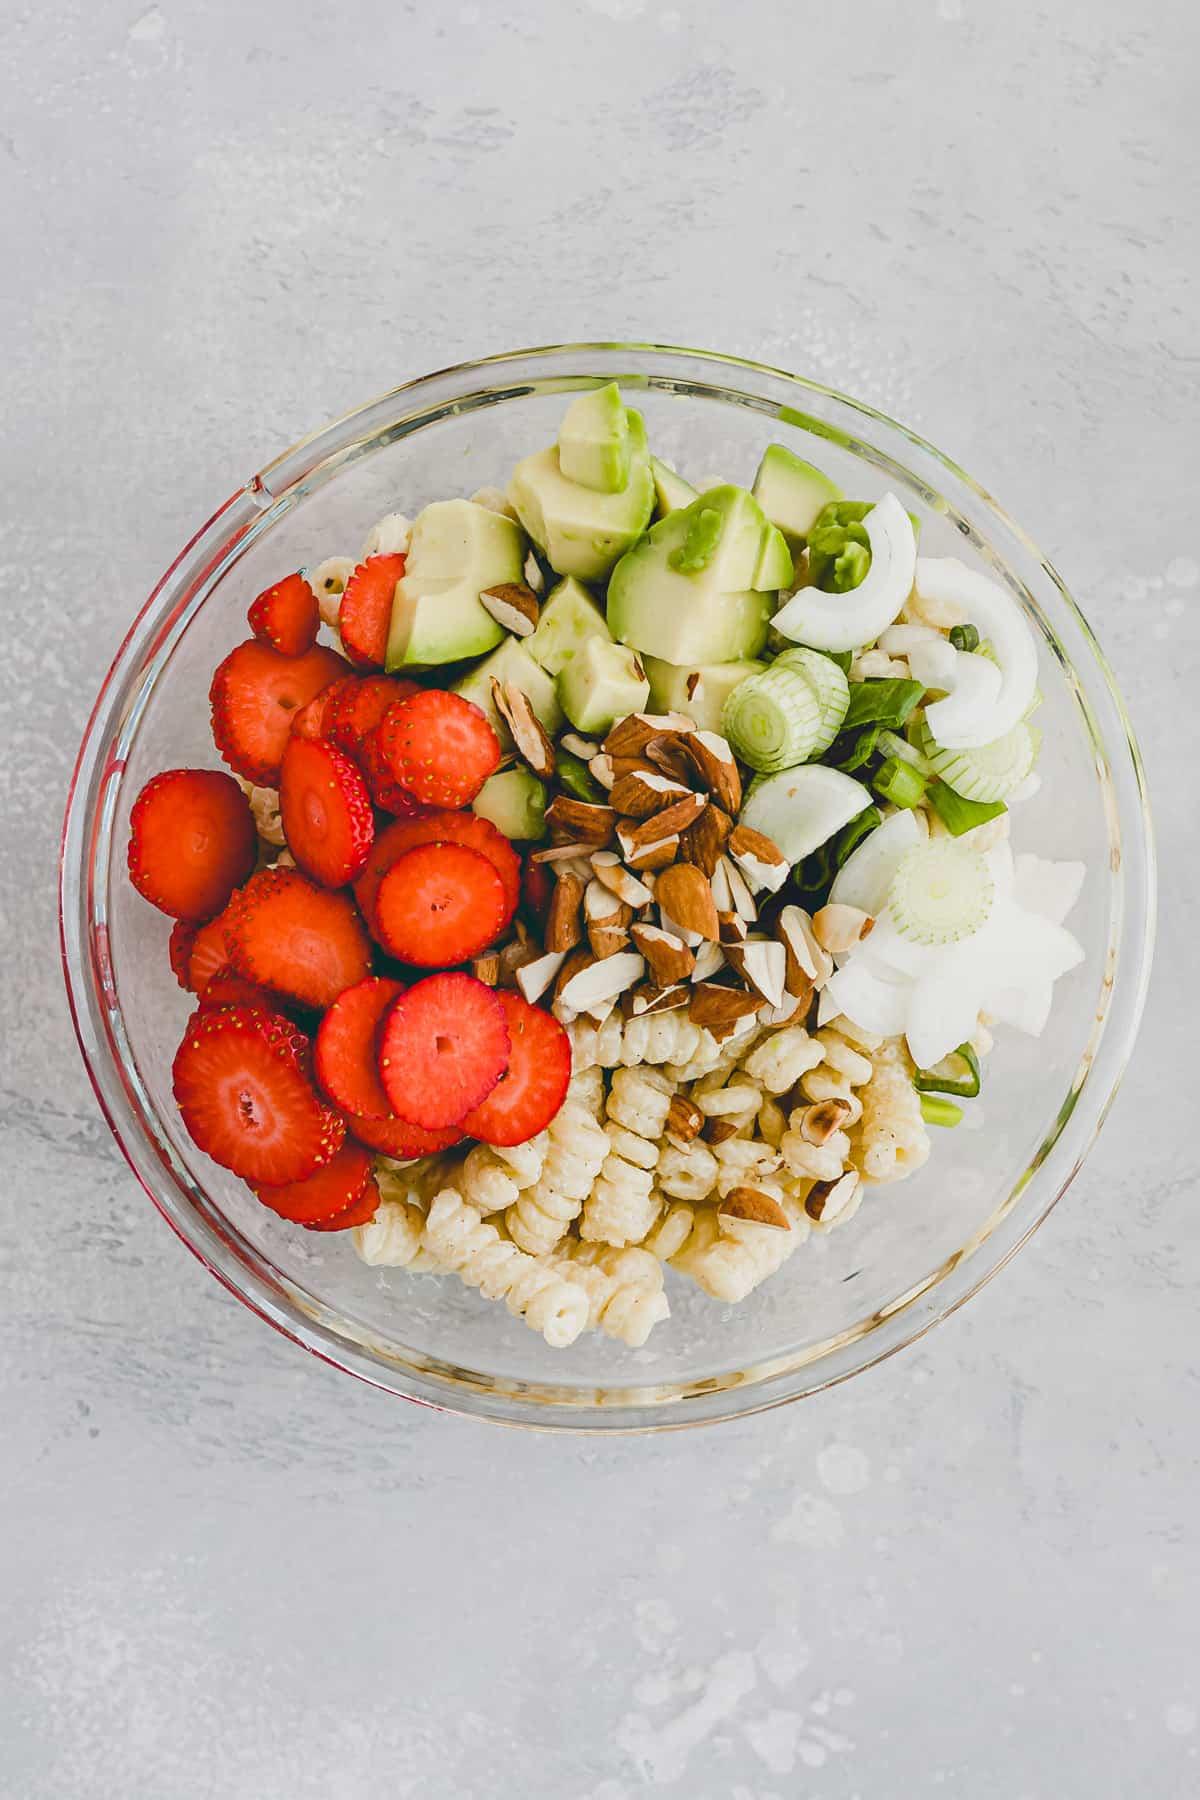 zutaten für sommerlicher nudelsalat mit erdbeeren und avocado in einer glasschüssel